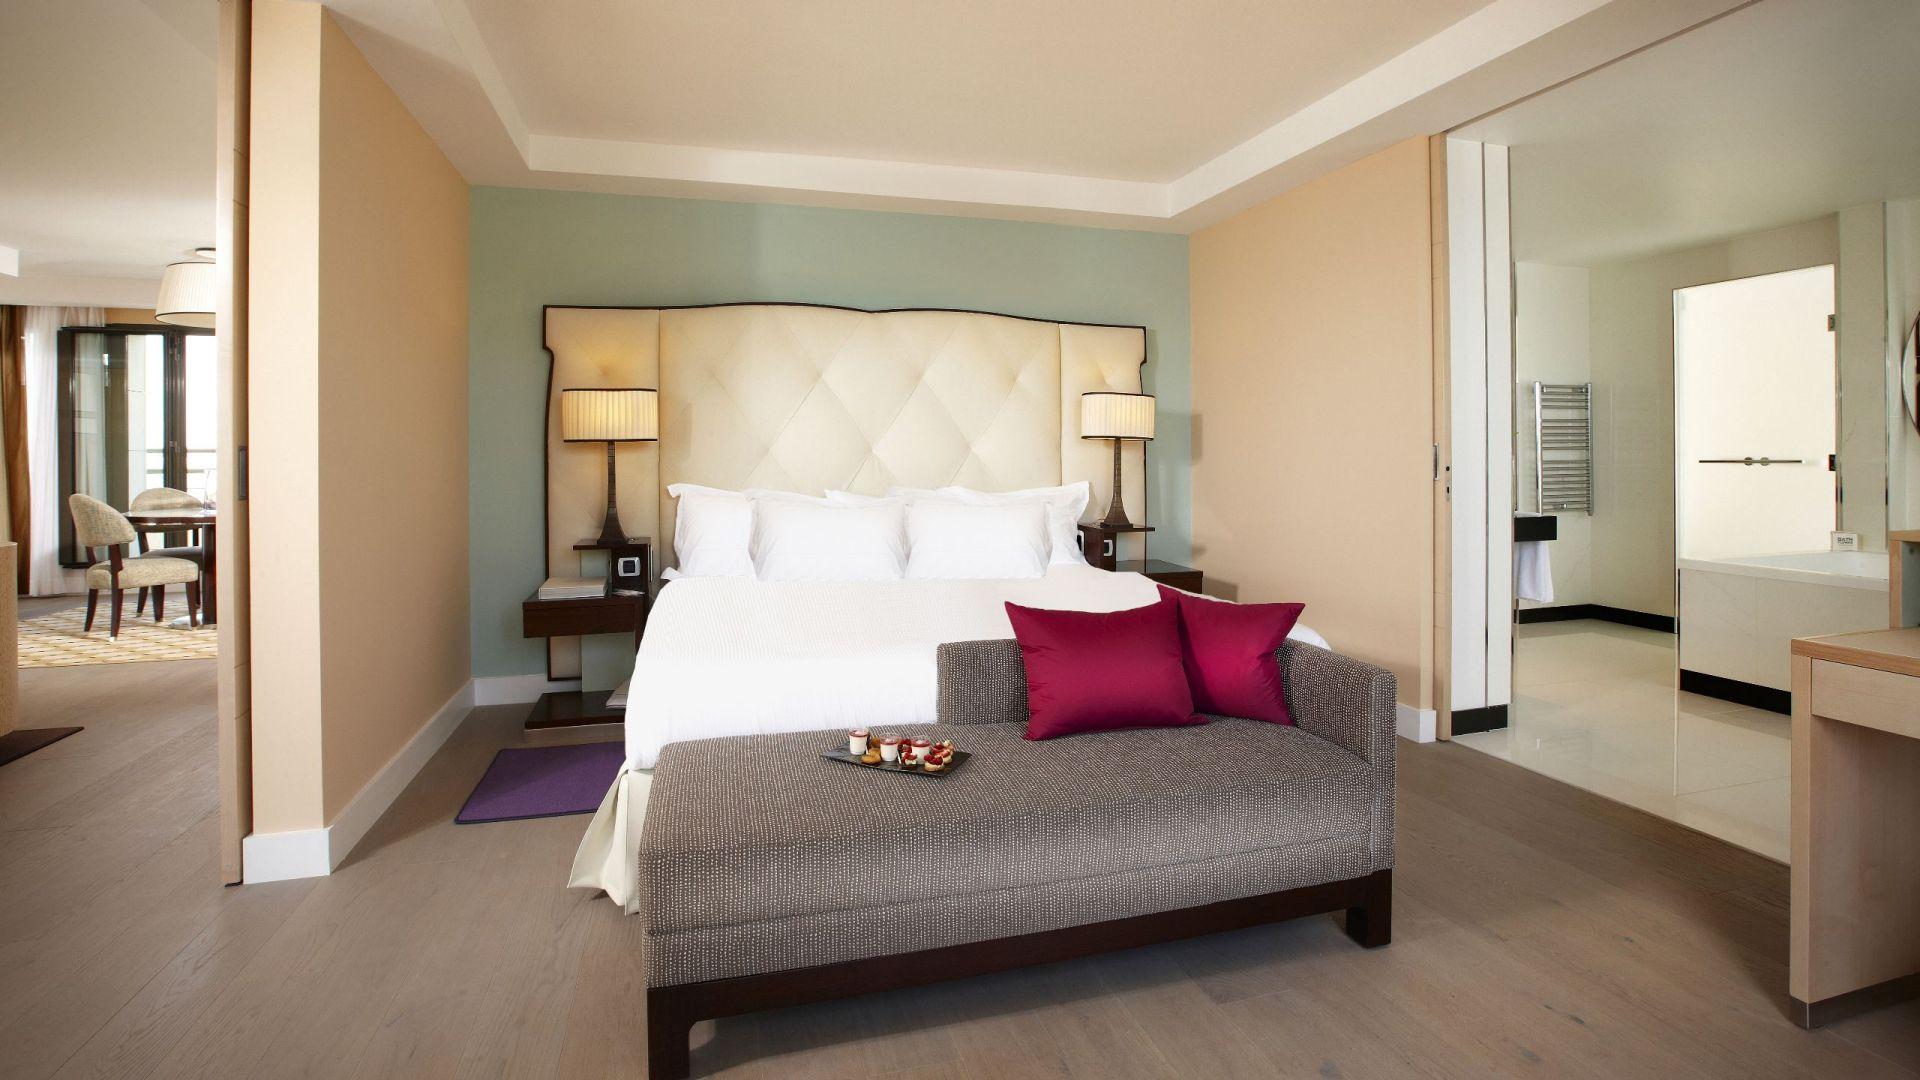 Penthouse Suite at Hotel Hyatt Regency Nice